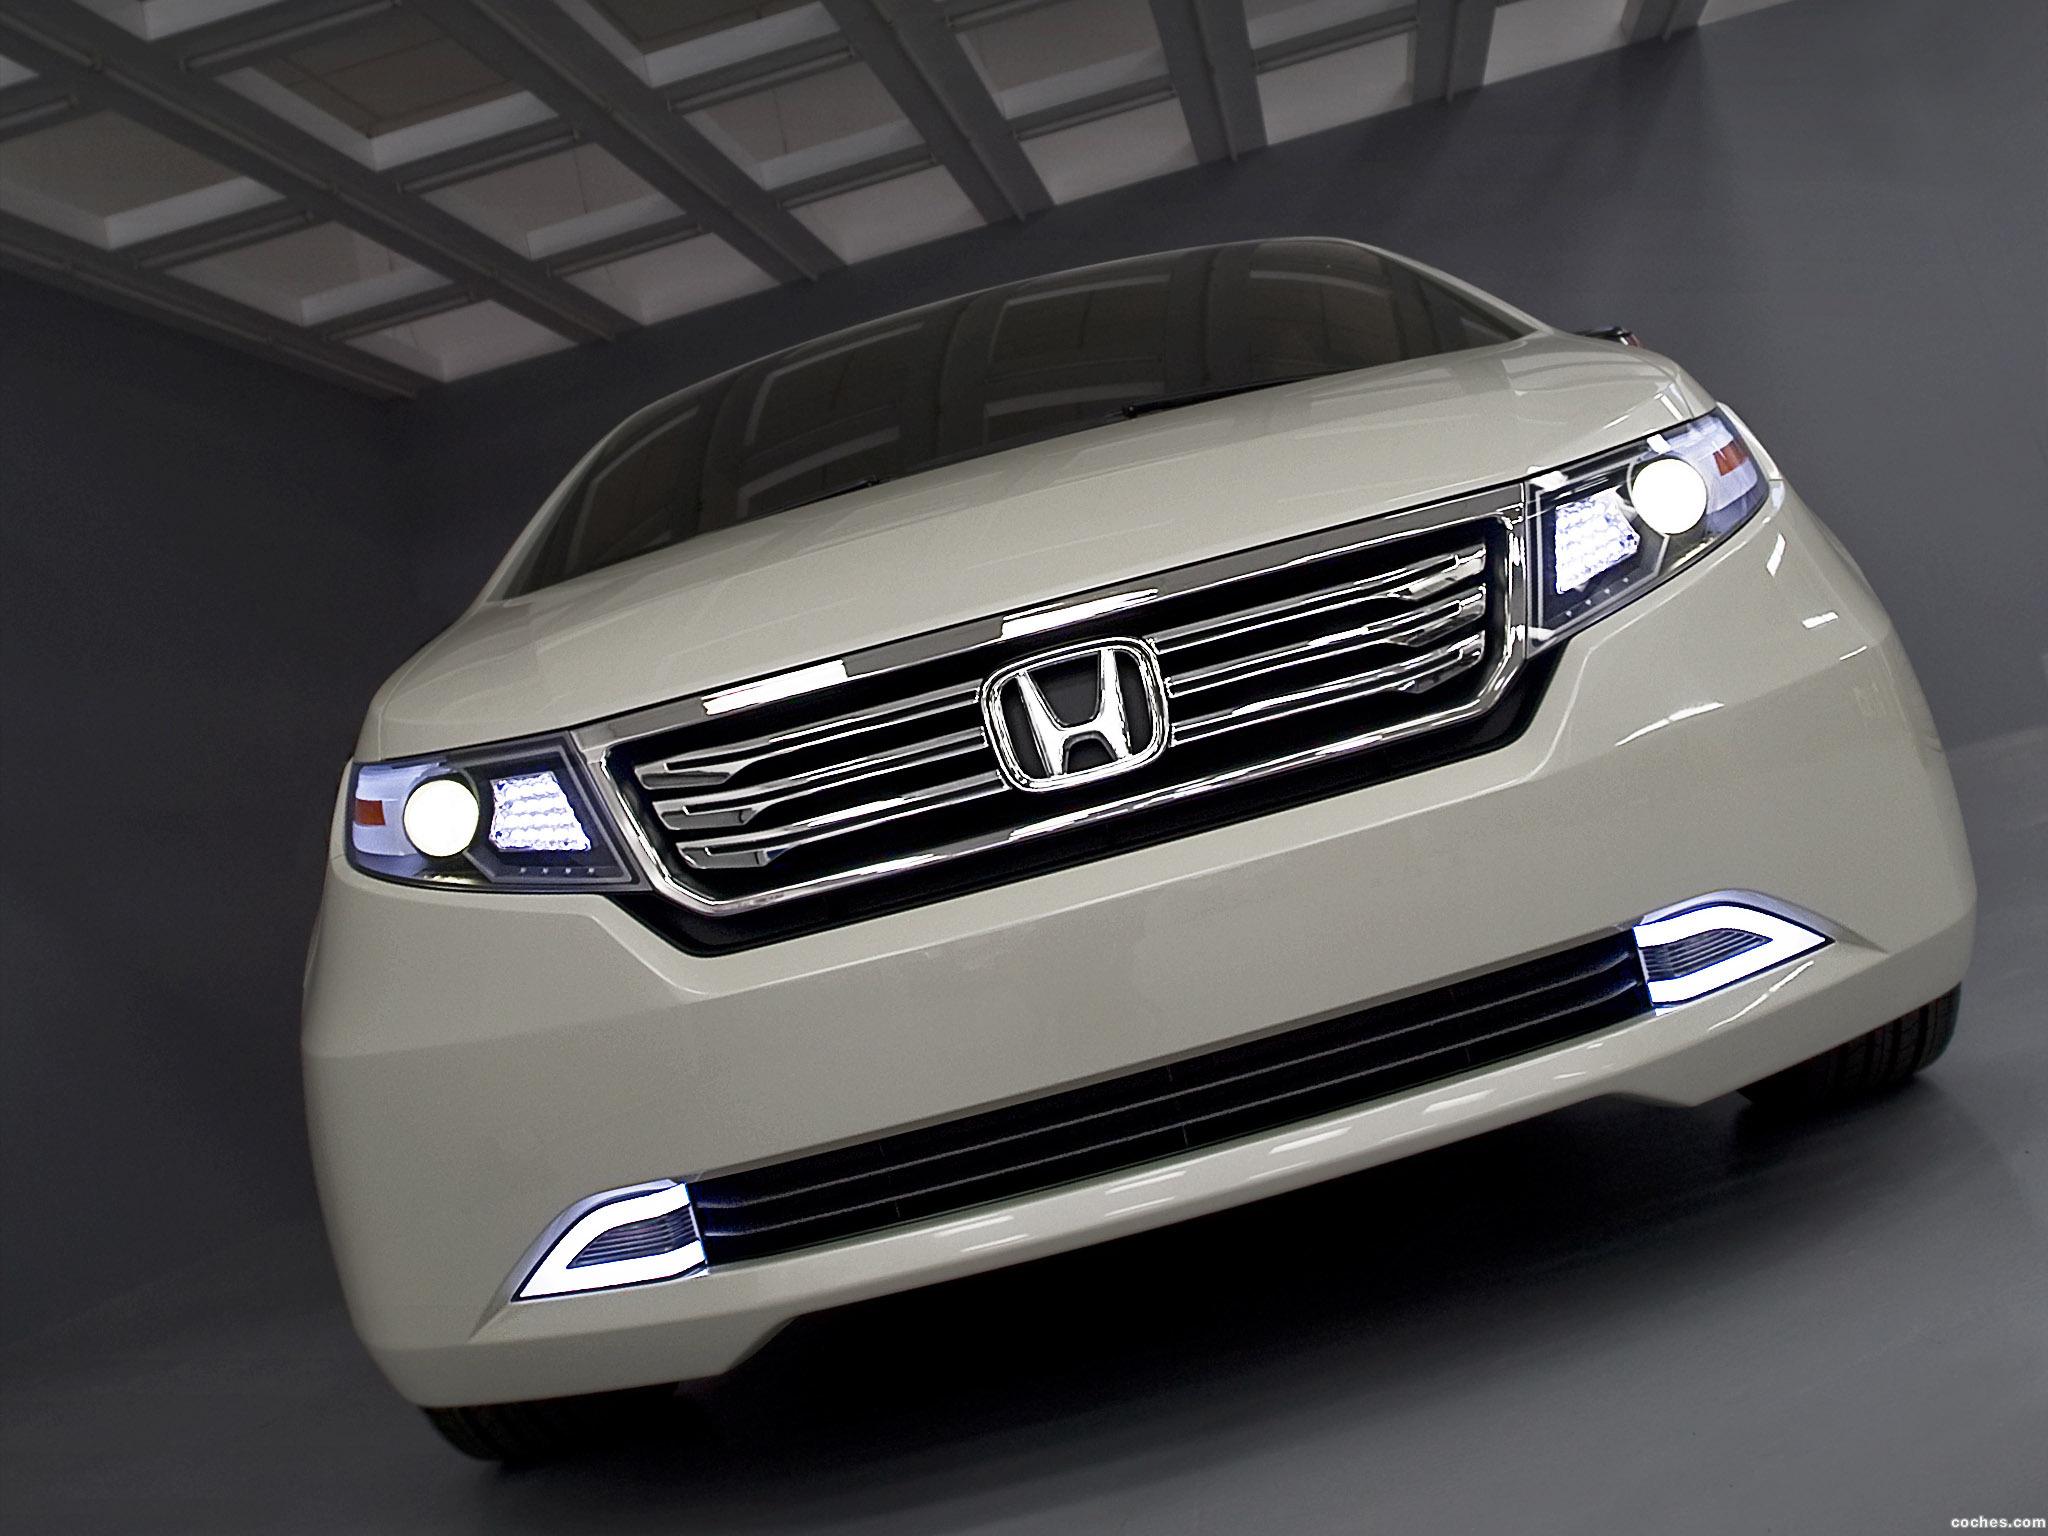 Foto 1 de Honda Odyssey Concept 2010